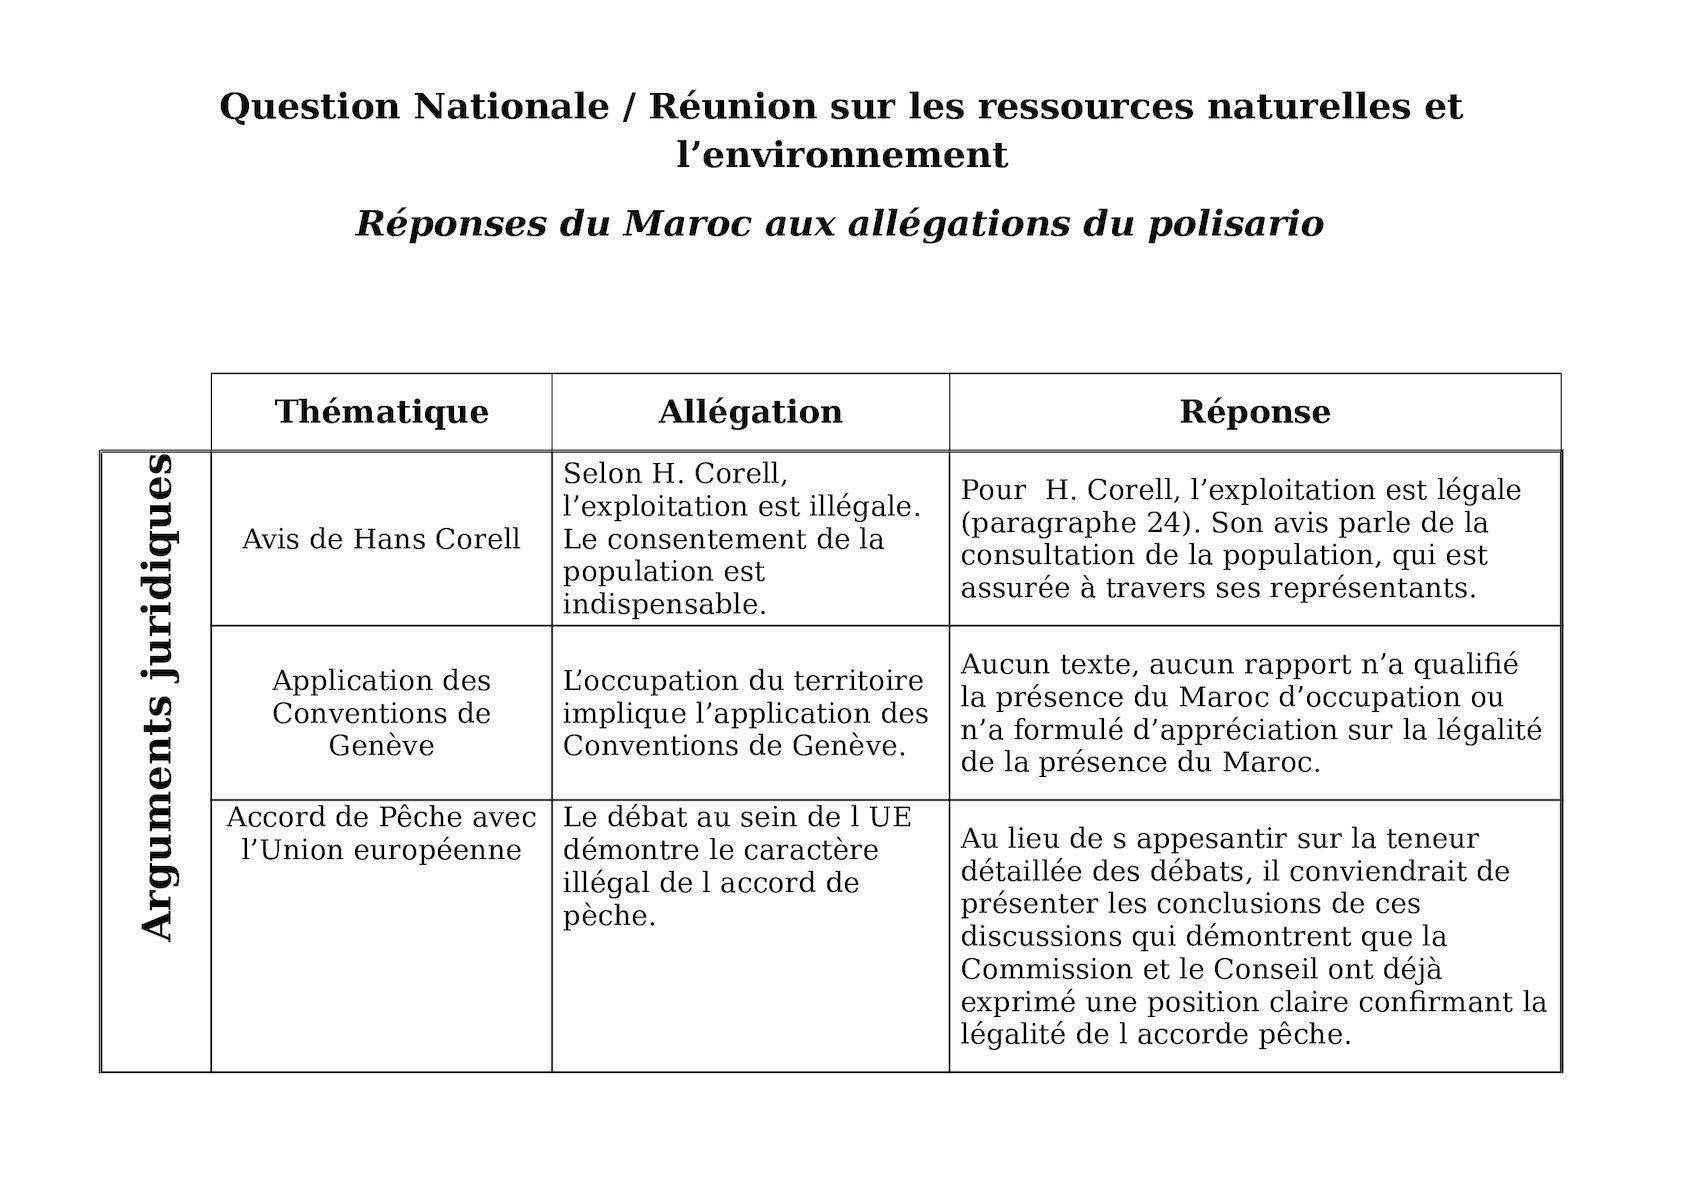 Réponse Aux Allégations Du Polisario